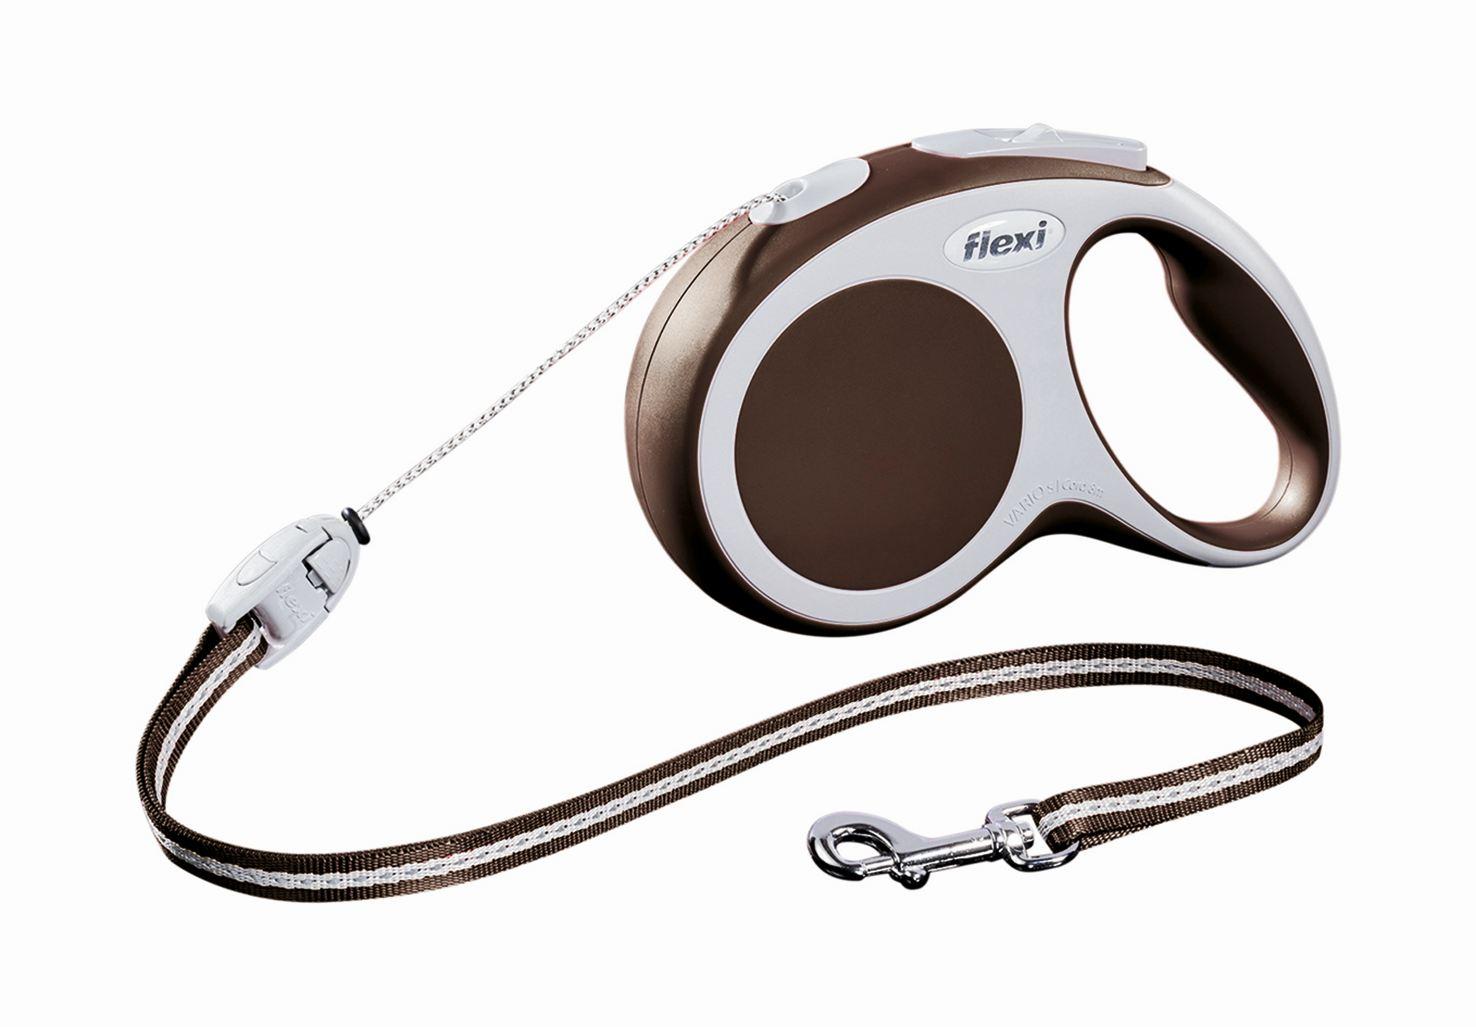 Поводок-рулетка Flexi Vario Long S для собак до 12 кг, цвет: коричневый, 8 м019337Поводок-рулетка Flexi Vario Long S изготовлен из пластика и нейлона. Тросовый поводок обеспечивает каждой собаке свободу движения, что идет на пользу здоровью и радует вашего четвероногого друга. Рулетка очень проста в использовании, оснащена кнопками кратковременной и постоянной фиксации. Ее можно оснастить - мультибоксом для лакомств или пакетиков для сбора фекалий, LED подсветкой корпуса, своркой или ремнем с LED подсветкой. Поводок имеет прочный корпус, хромированную застежку и светоотражающие элементы. Длина поводка: 8 м. Максимальная нагрузка: 12 кг. Товар сертифицирован.